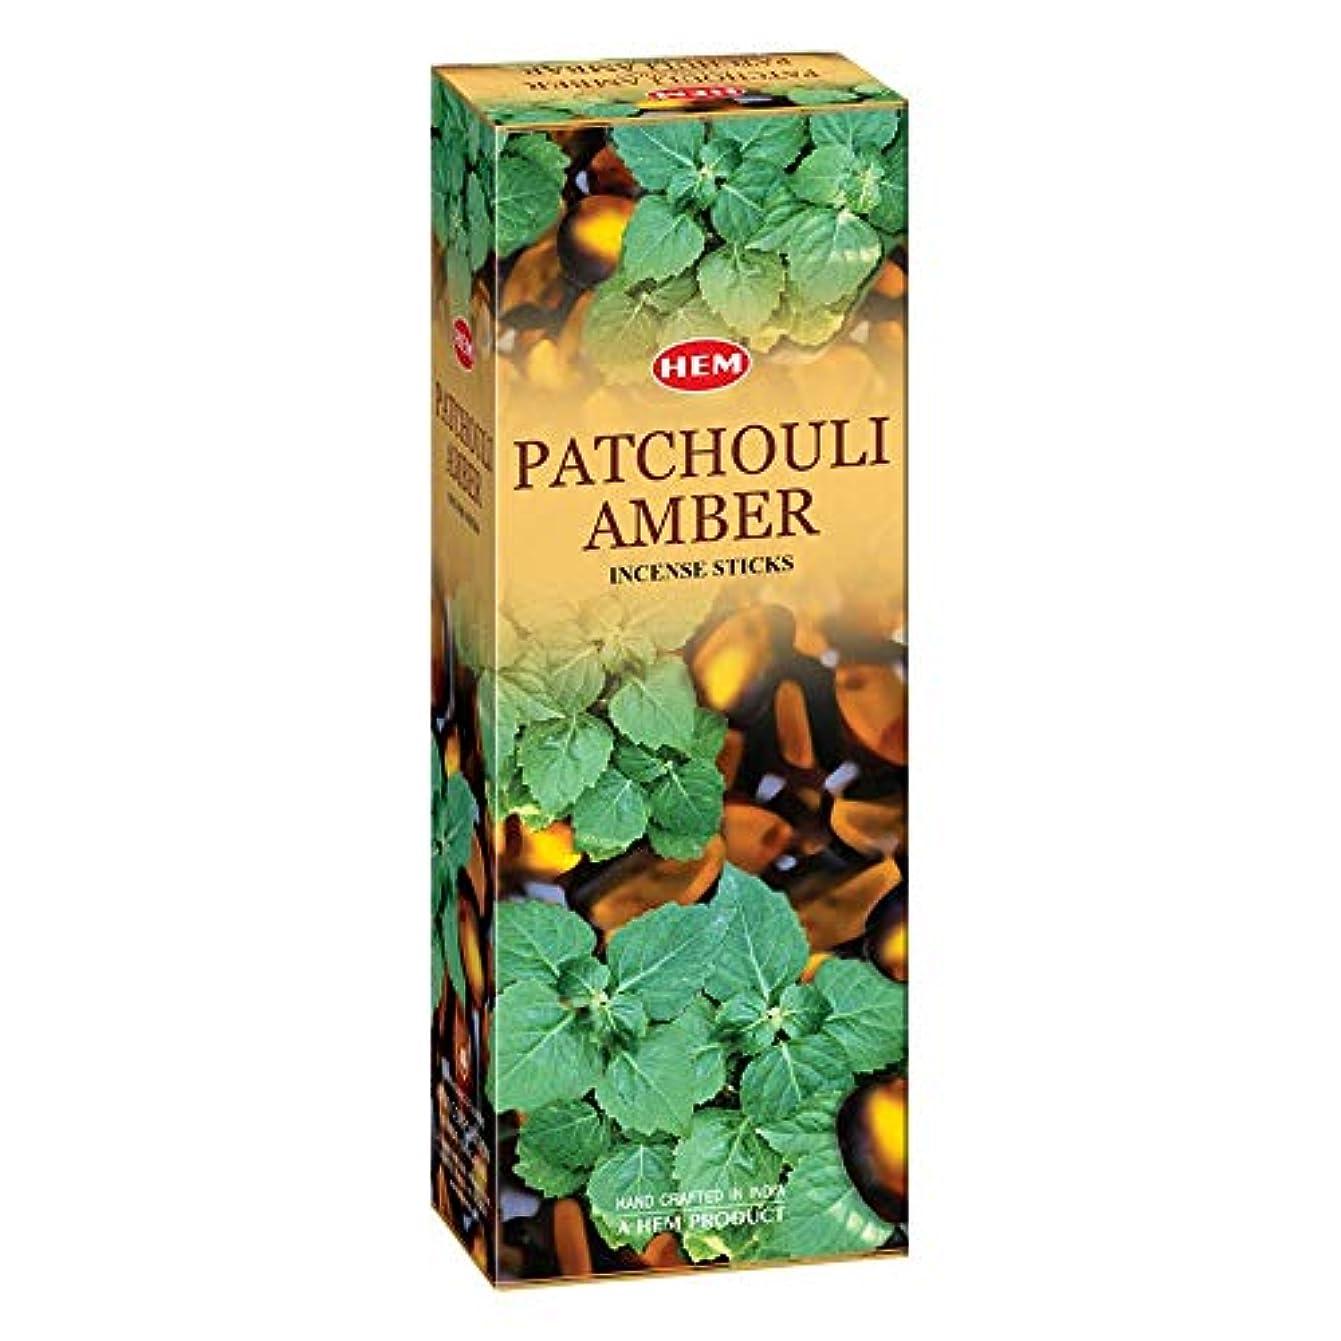 熱狂的な望ましい知覚Hem Patchouli Amber Incense Sticks(9.3 cm X 6.0 cm X 25.5cm, Black)